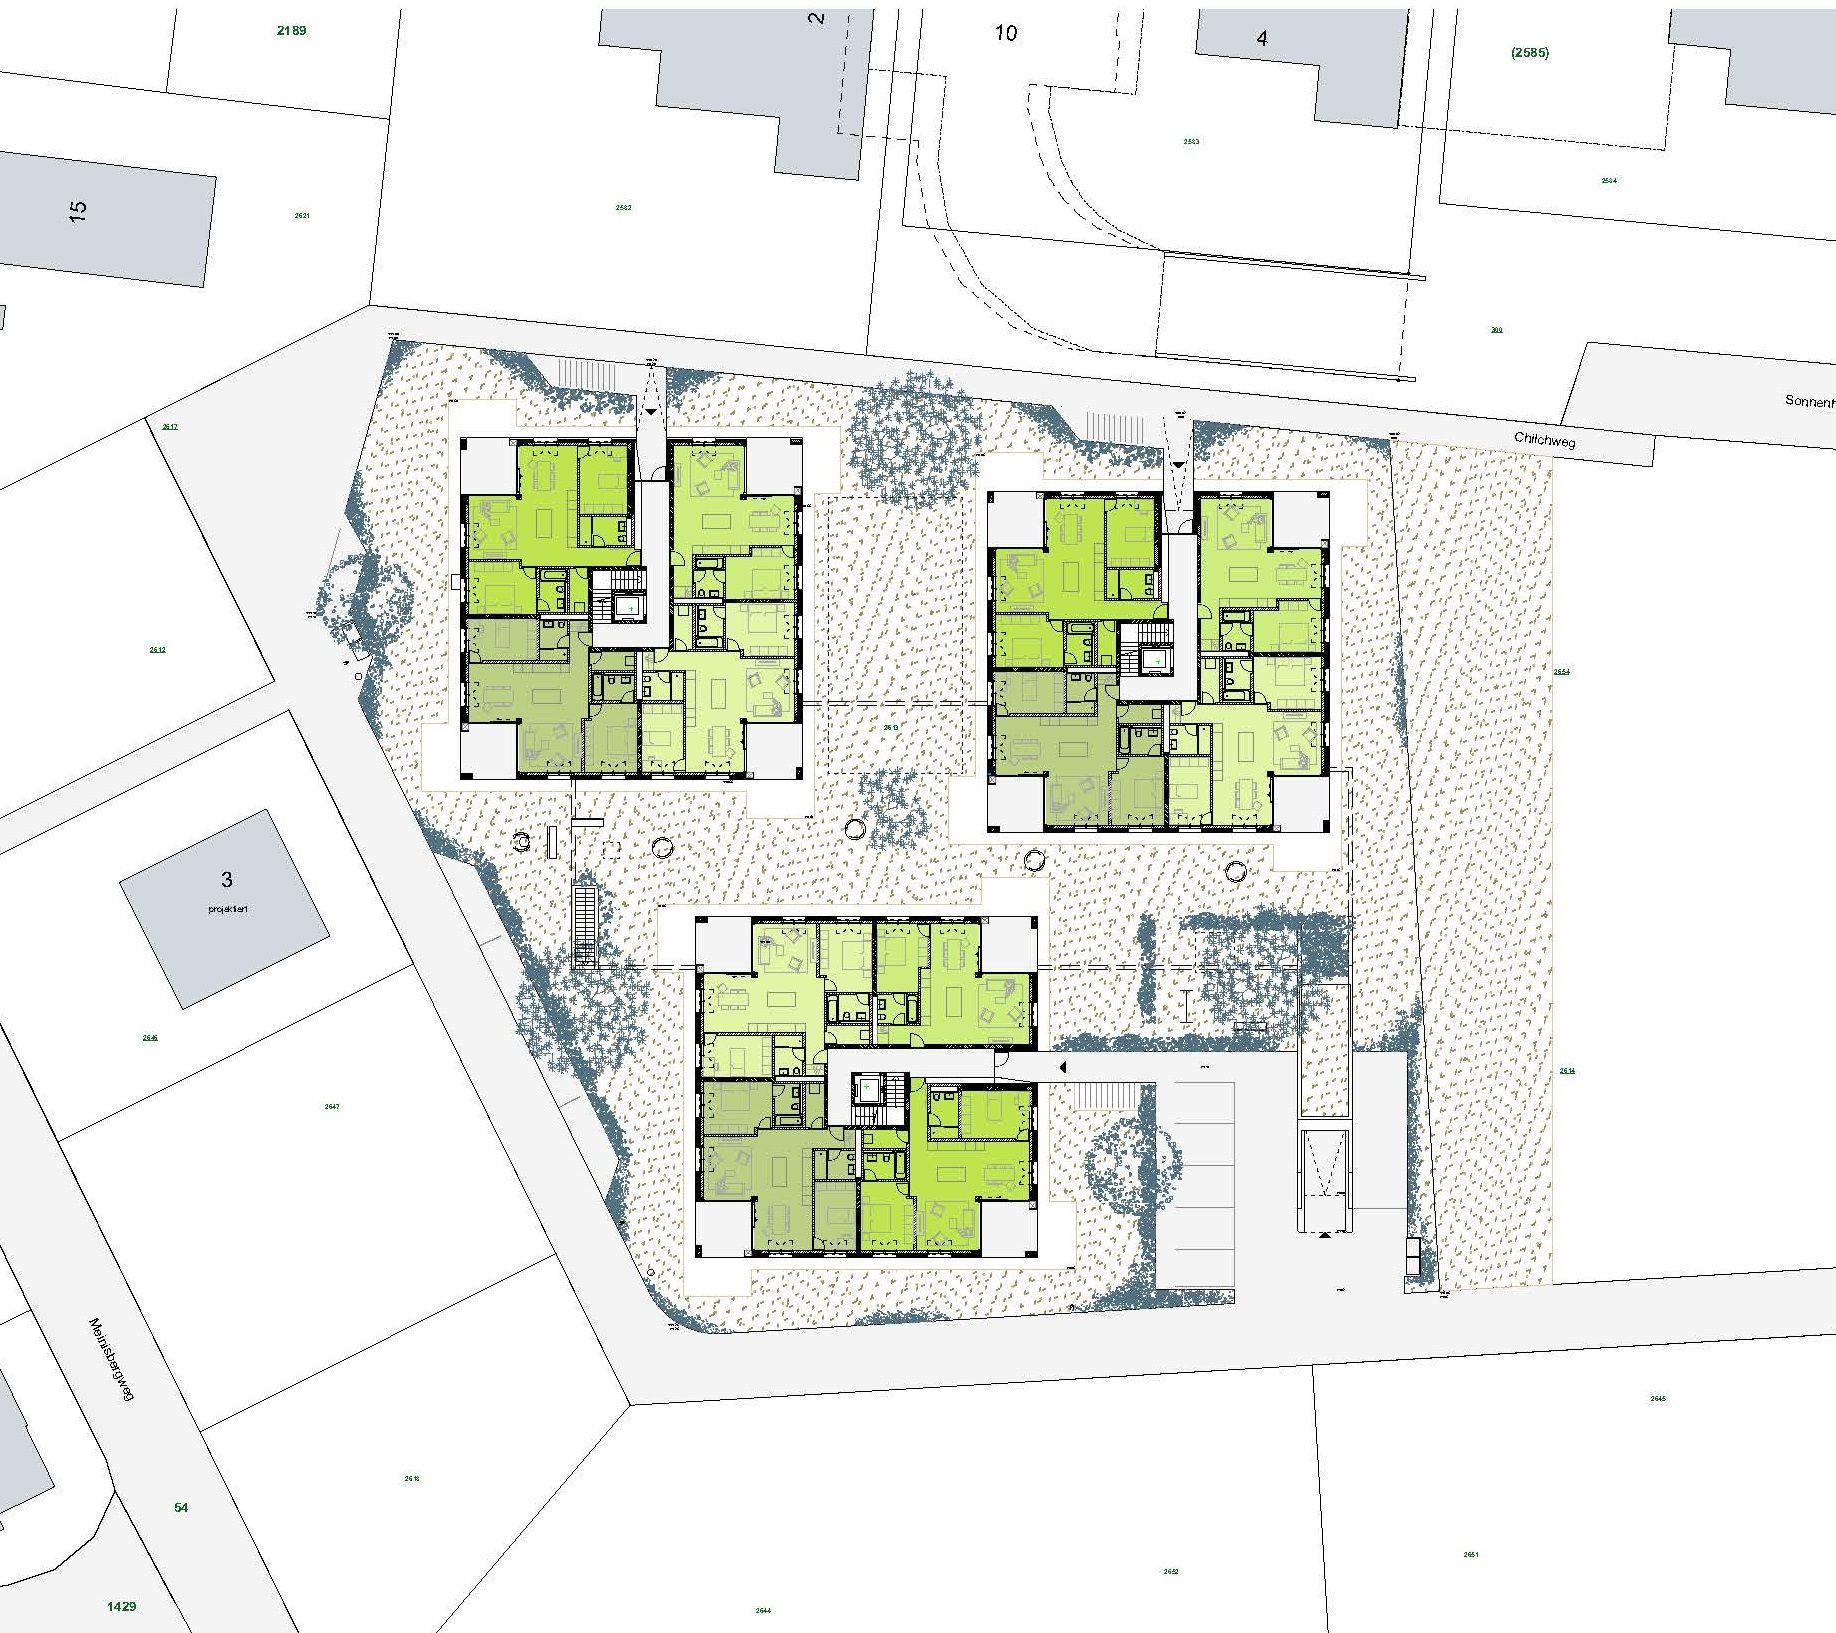 Apart architektur biel architekten architecture - Architektur plan ...